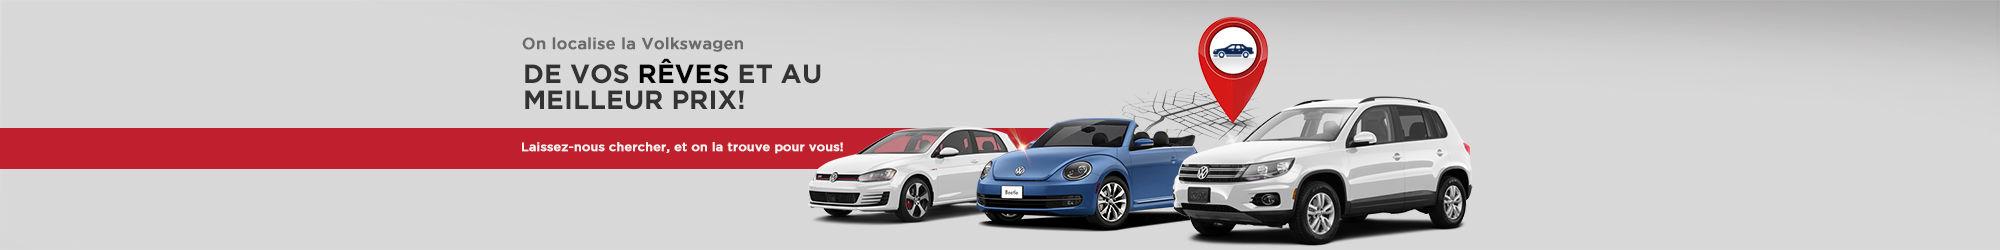 On localise la Volkswagen de vos rêves!